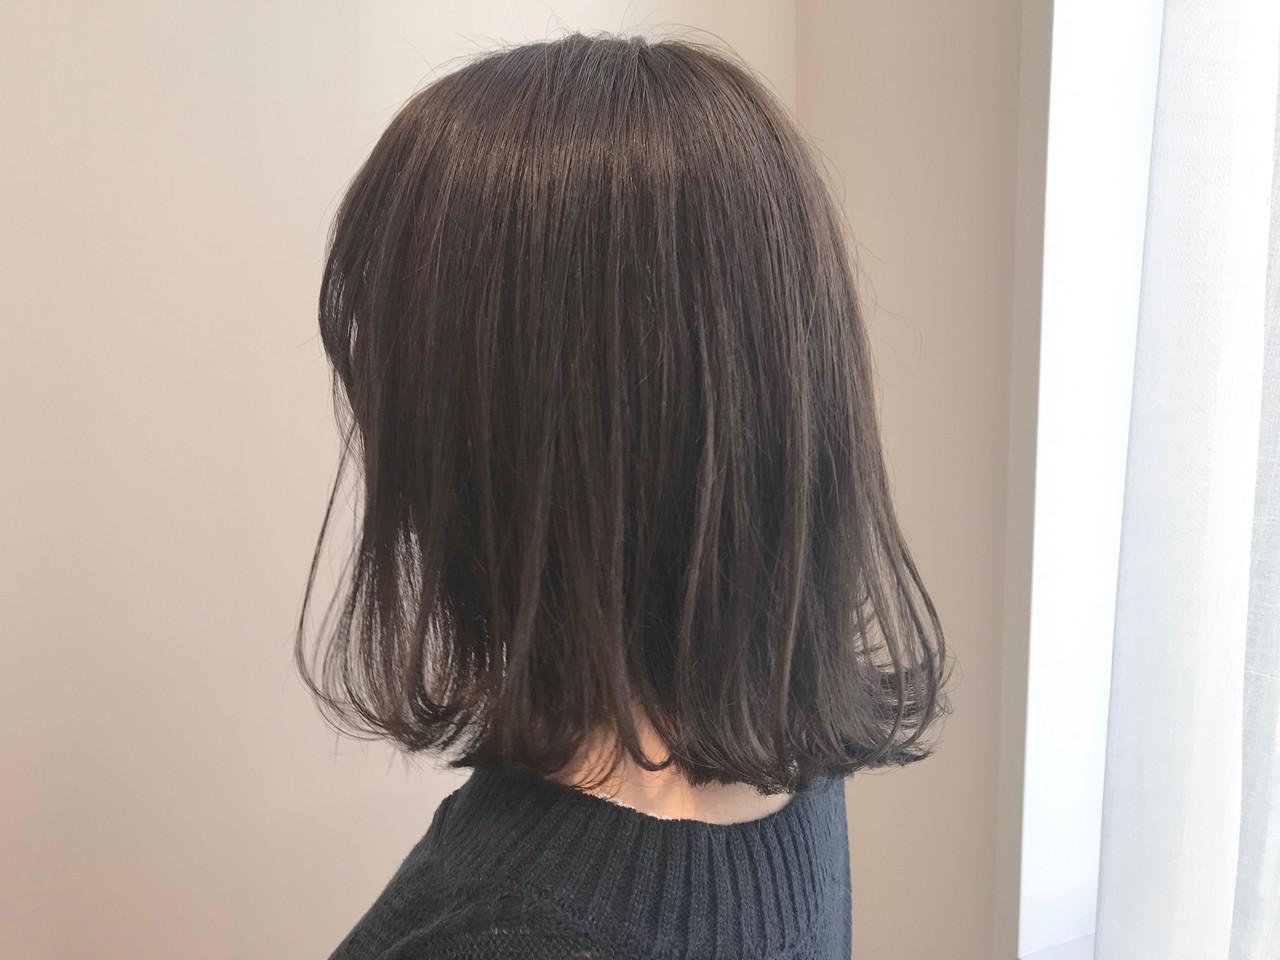 アンニュイほつれヘア モテ髪 オリーブアッシュ ボブ ヘアスタイルや髪型の写真・画像 | 村西 郁人 / rue